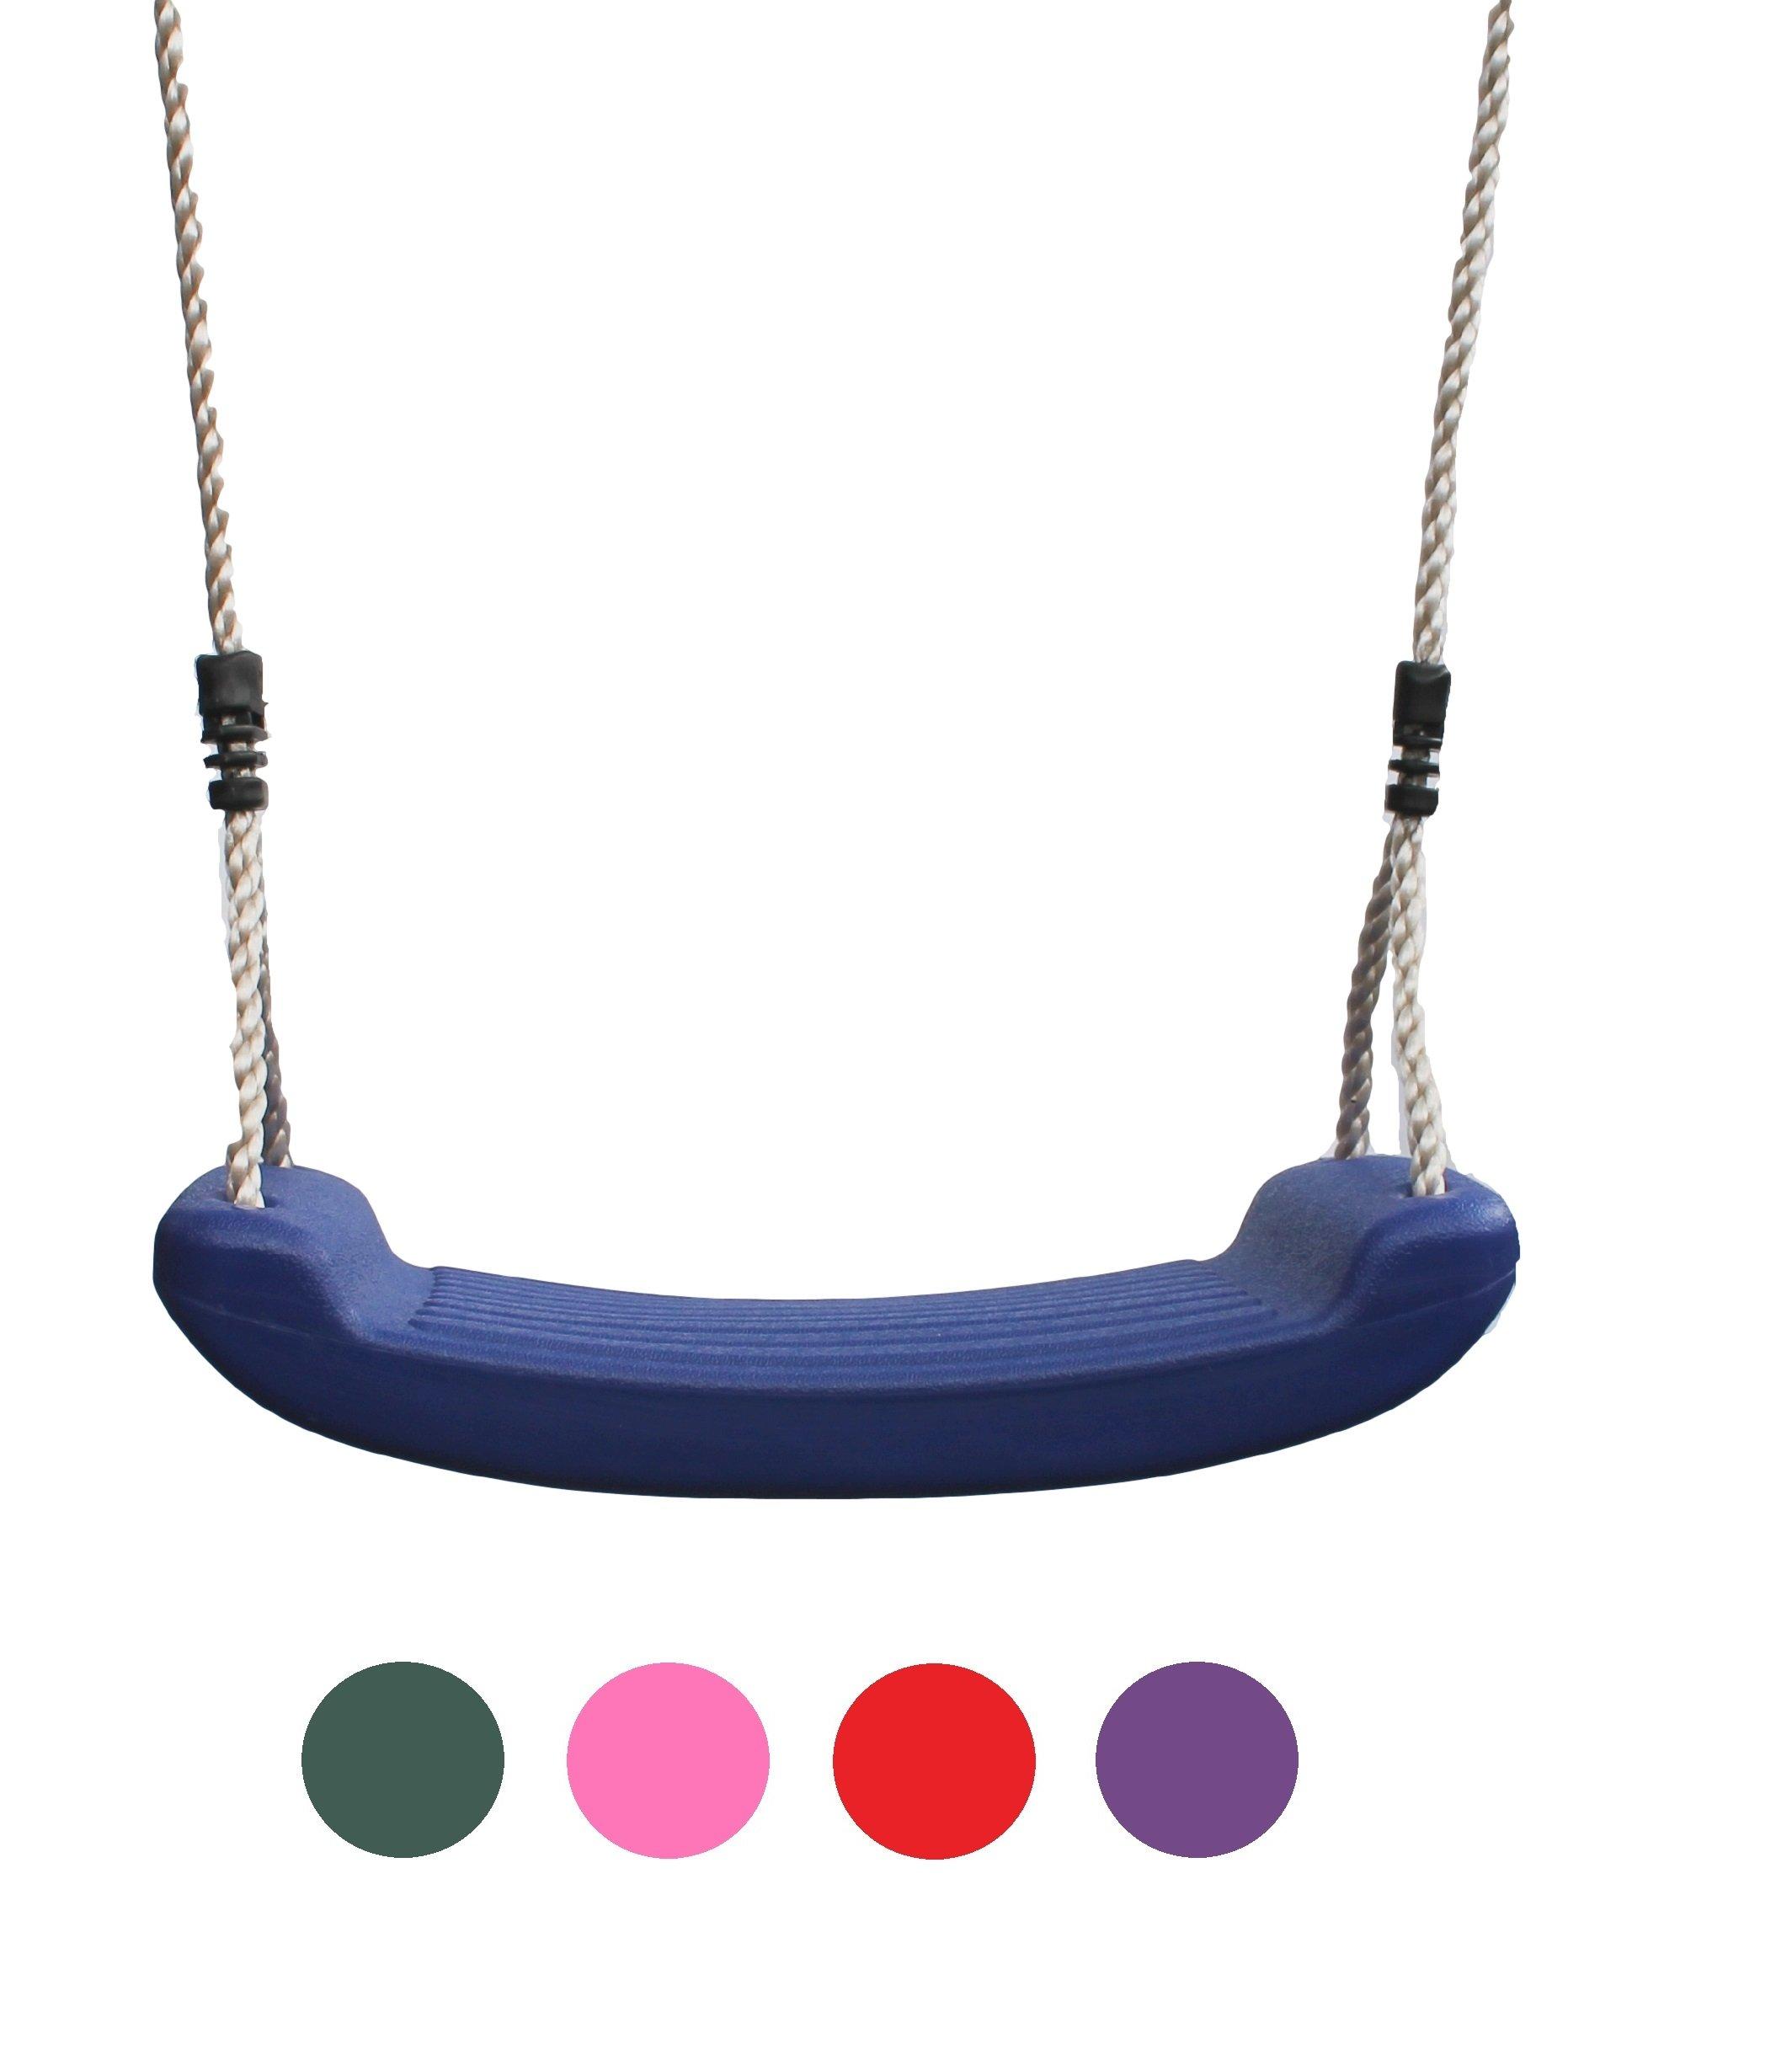 HIKS® – Columpio de jardín para niños con cuerdas ajustables incluidas, ideal para conjuntos de columpio y marcos de escalada (disponible en verde, azul, rojo, rosa y morado)